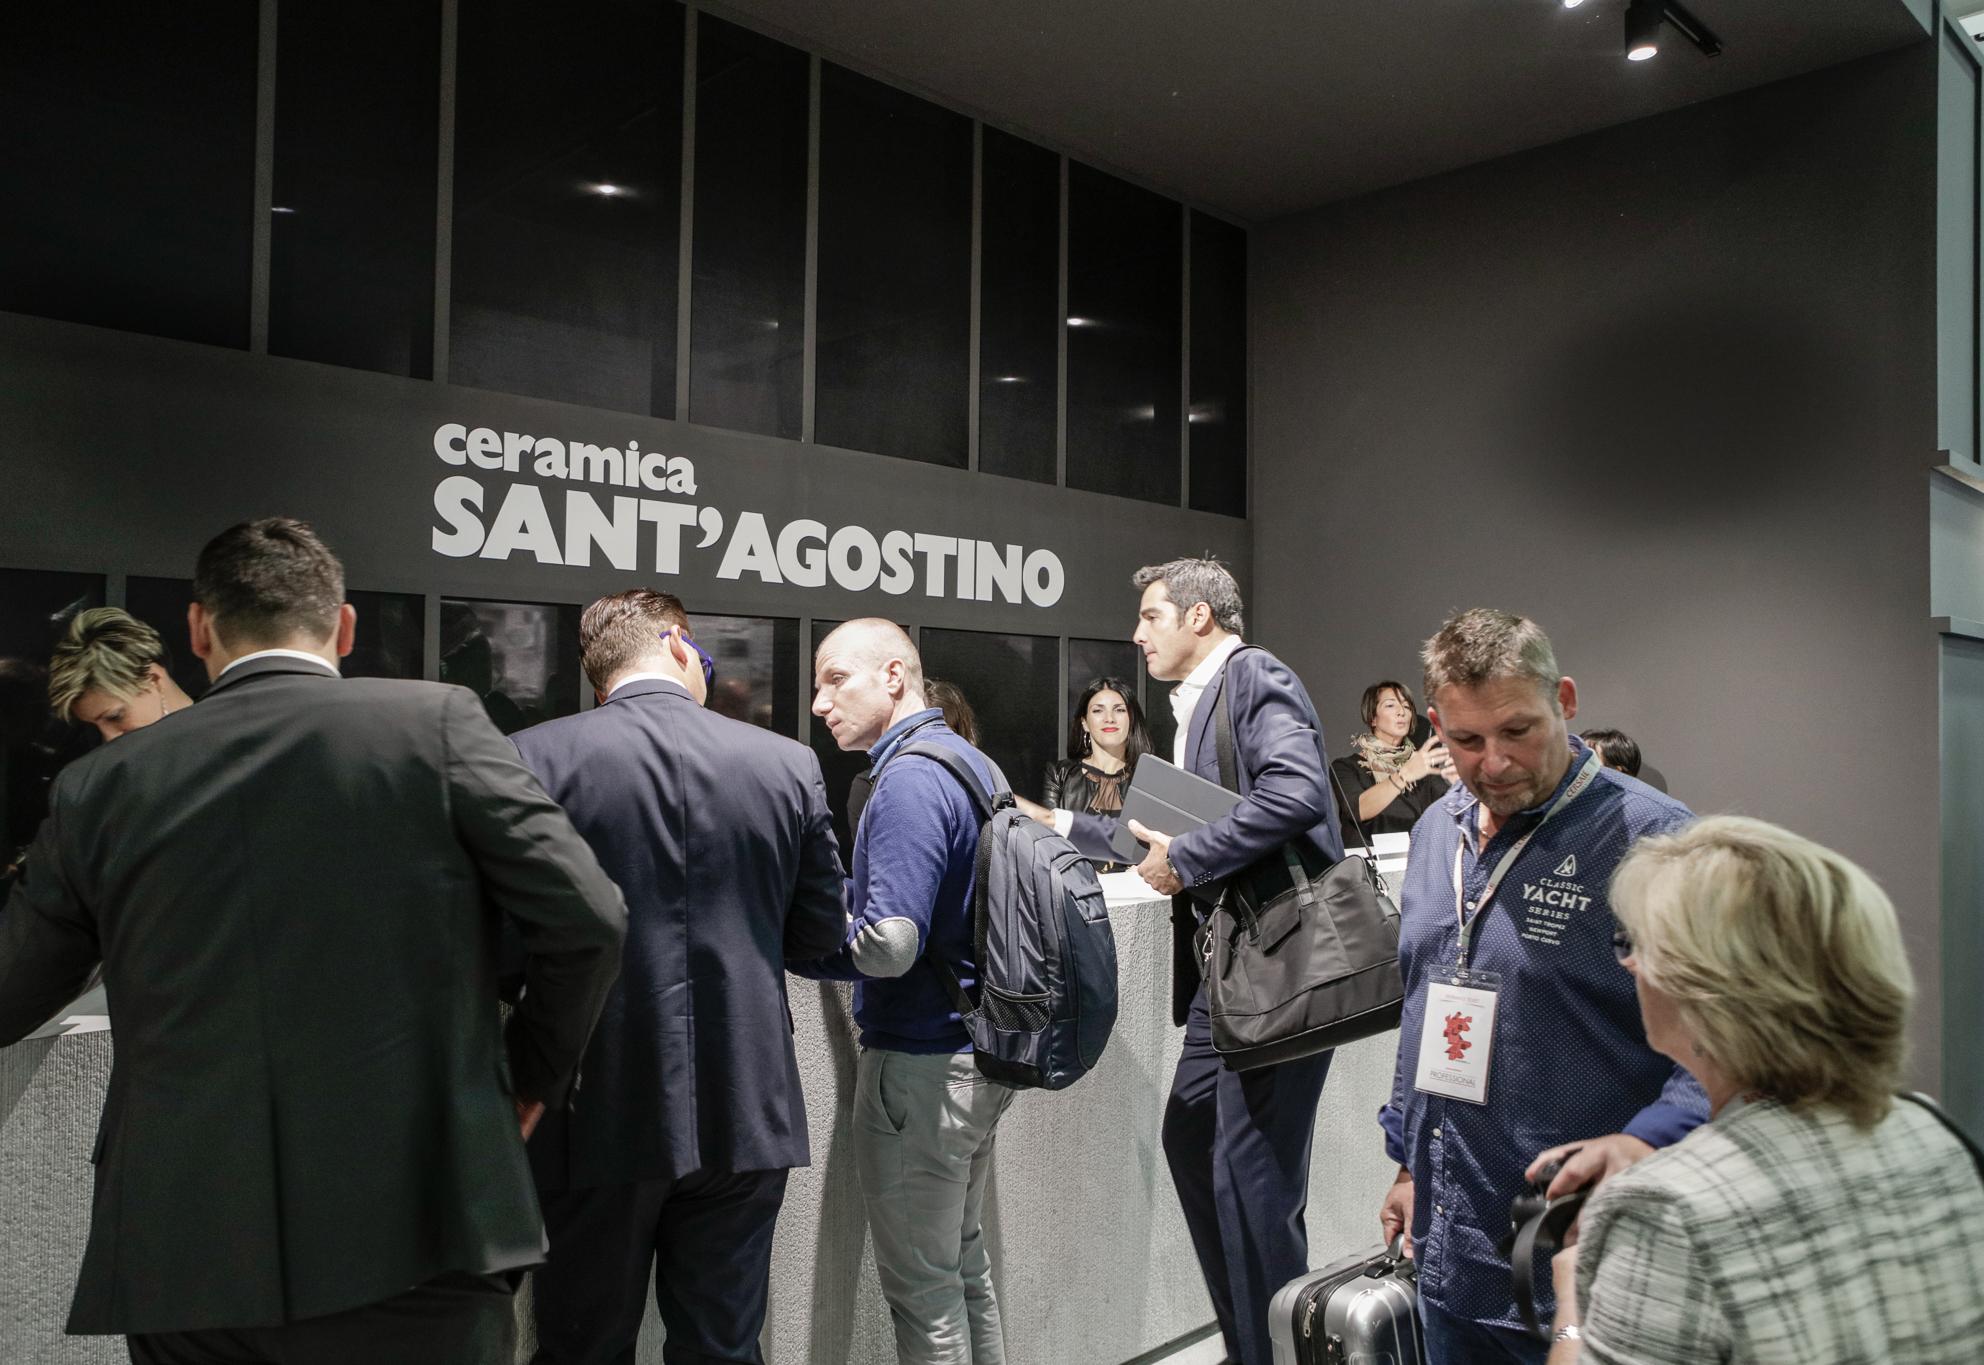 Ceramica Sant'Agostino Cersaie 2017